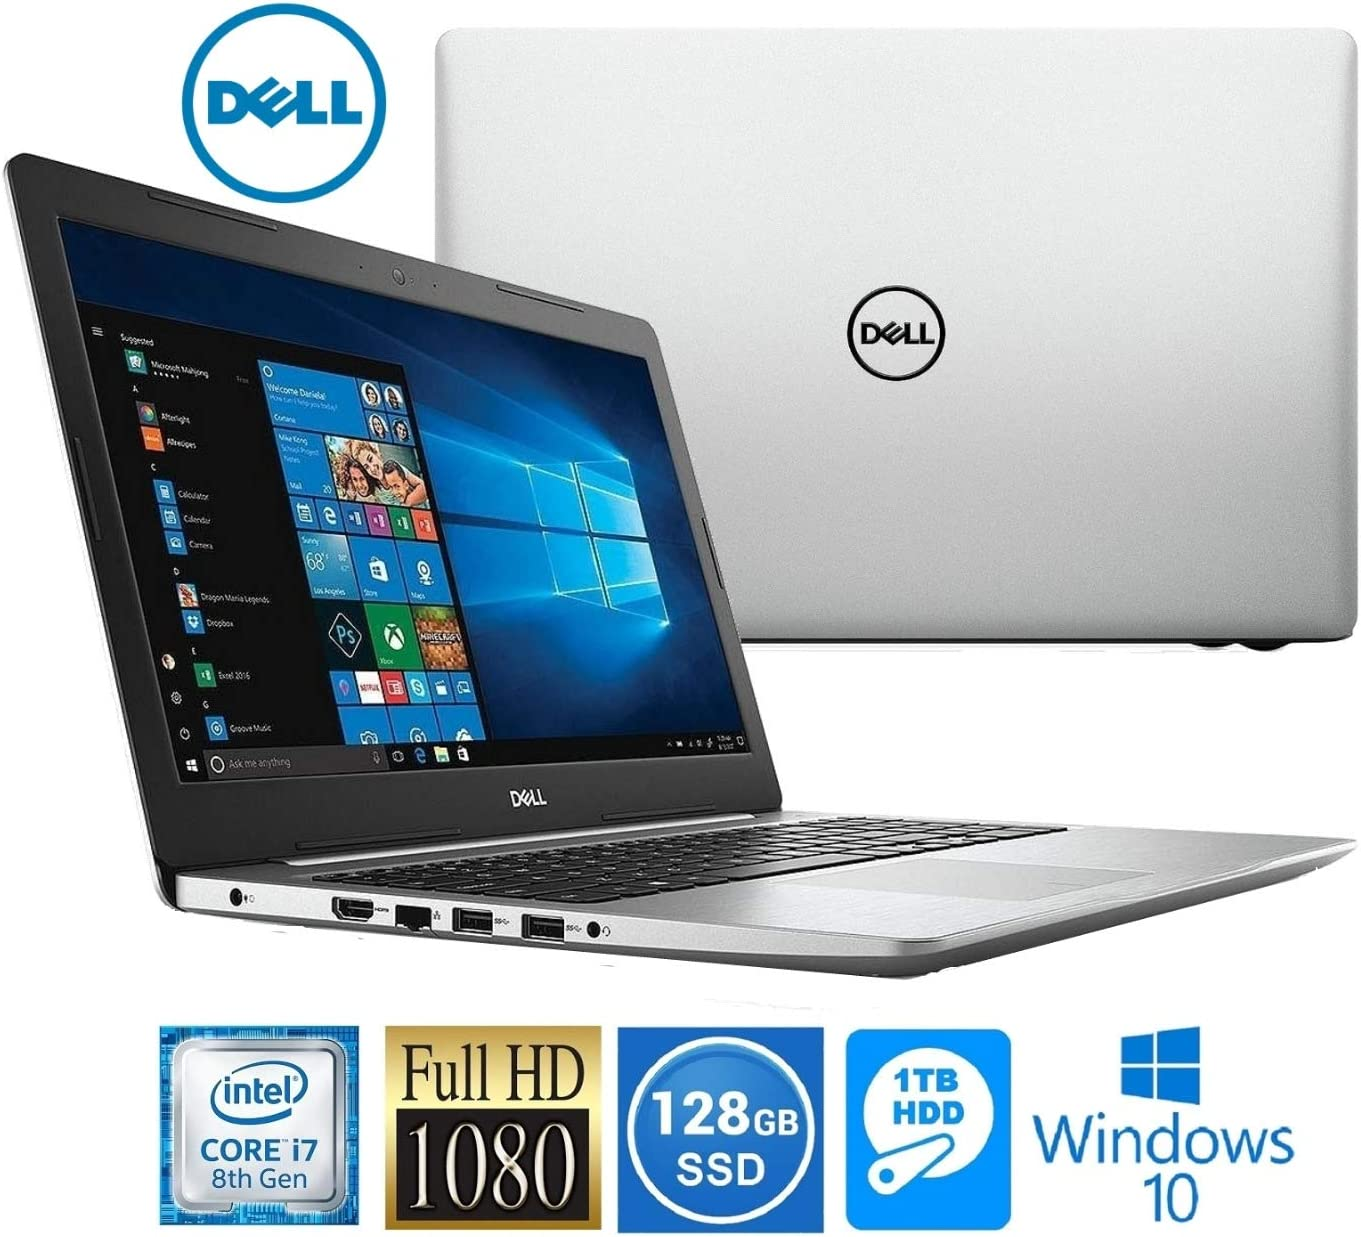 Amazon Com Dell Inspiron 15 Intel I7 8550u 8gb 1tb Hdd 128gb Ssd 15 6 Full Hd Led Laptop Computers Accessories